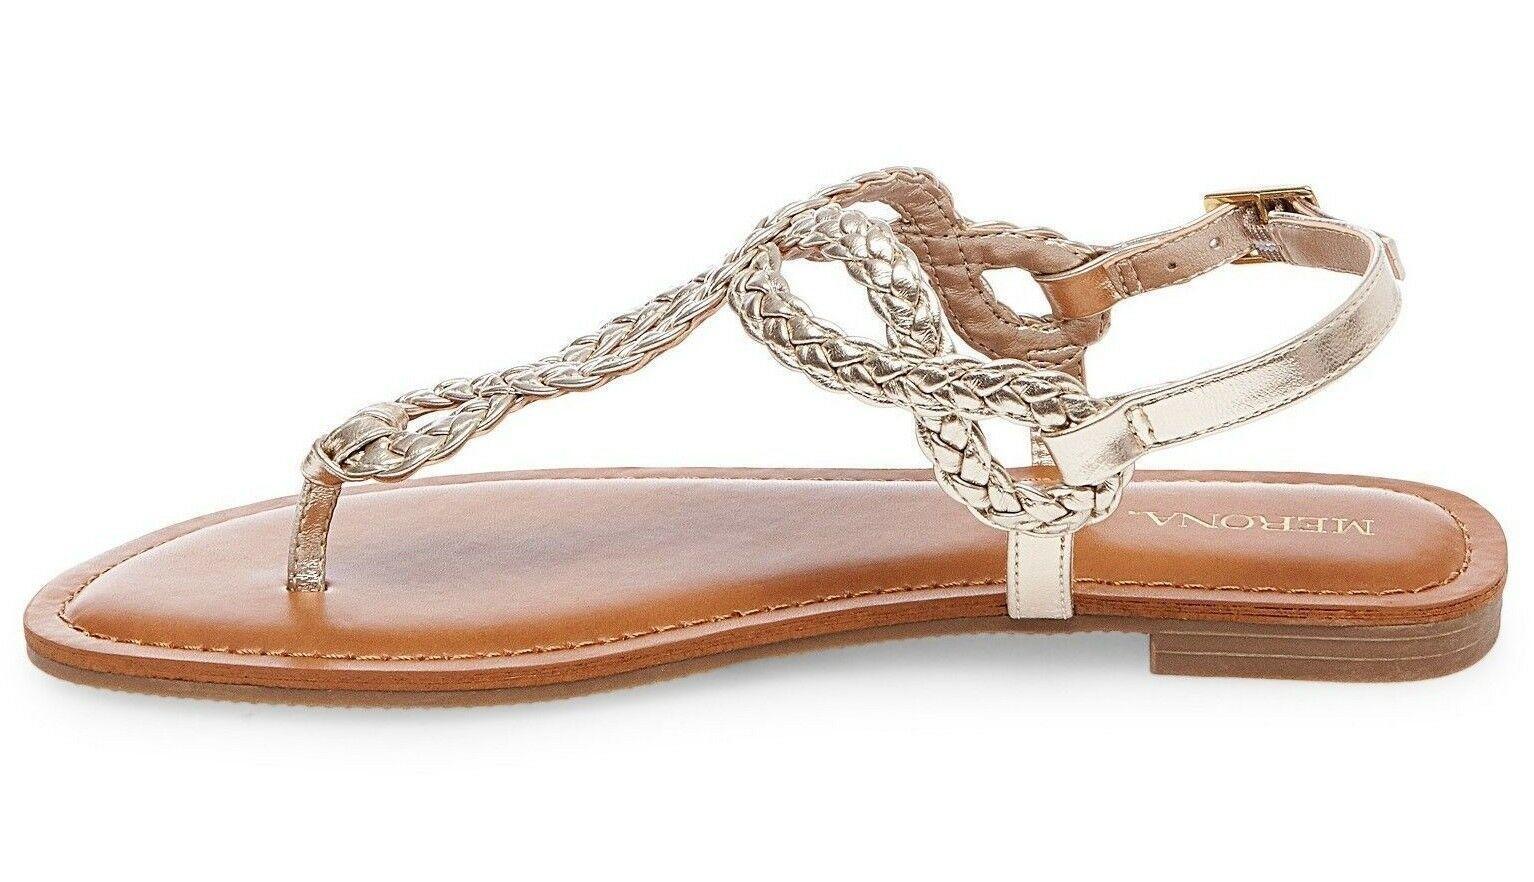 Neuf Femmes Merona Jana Trimestre Bracelet Plat Sandales à Lanières en Or Nwt